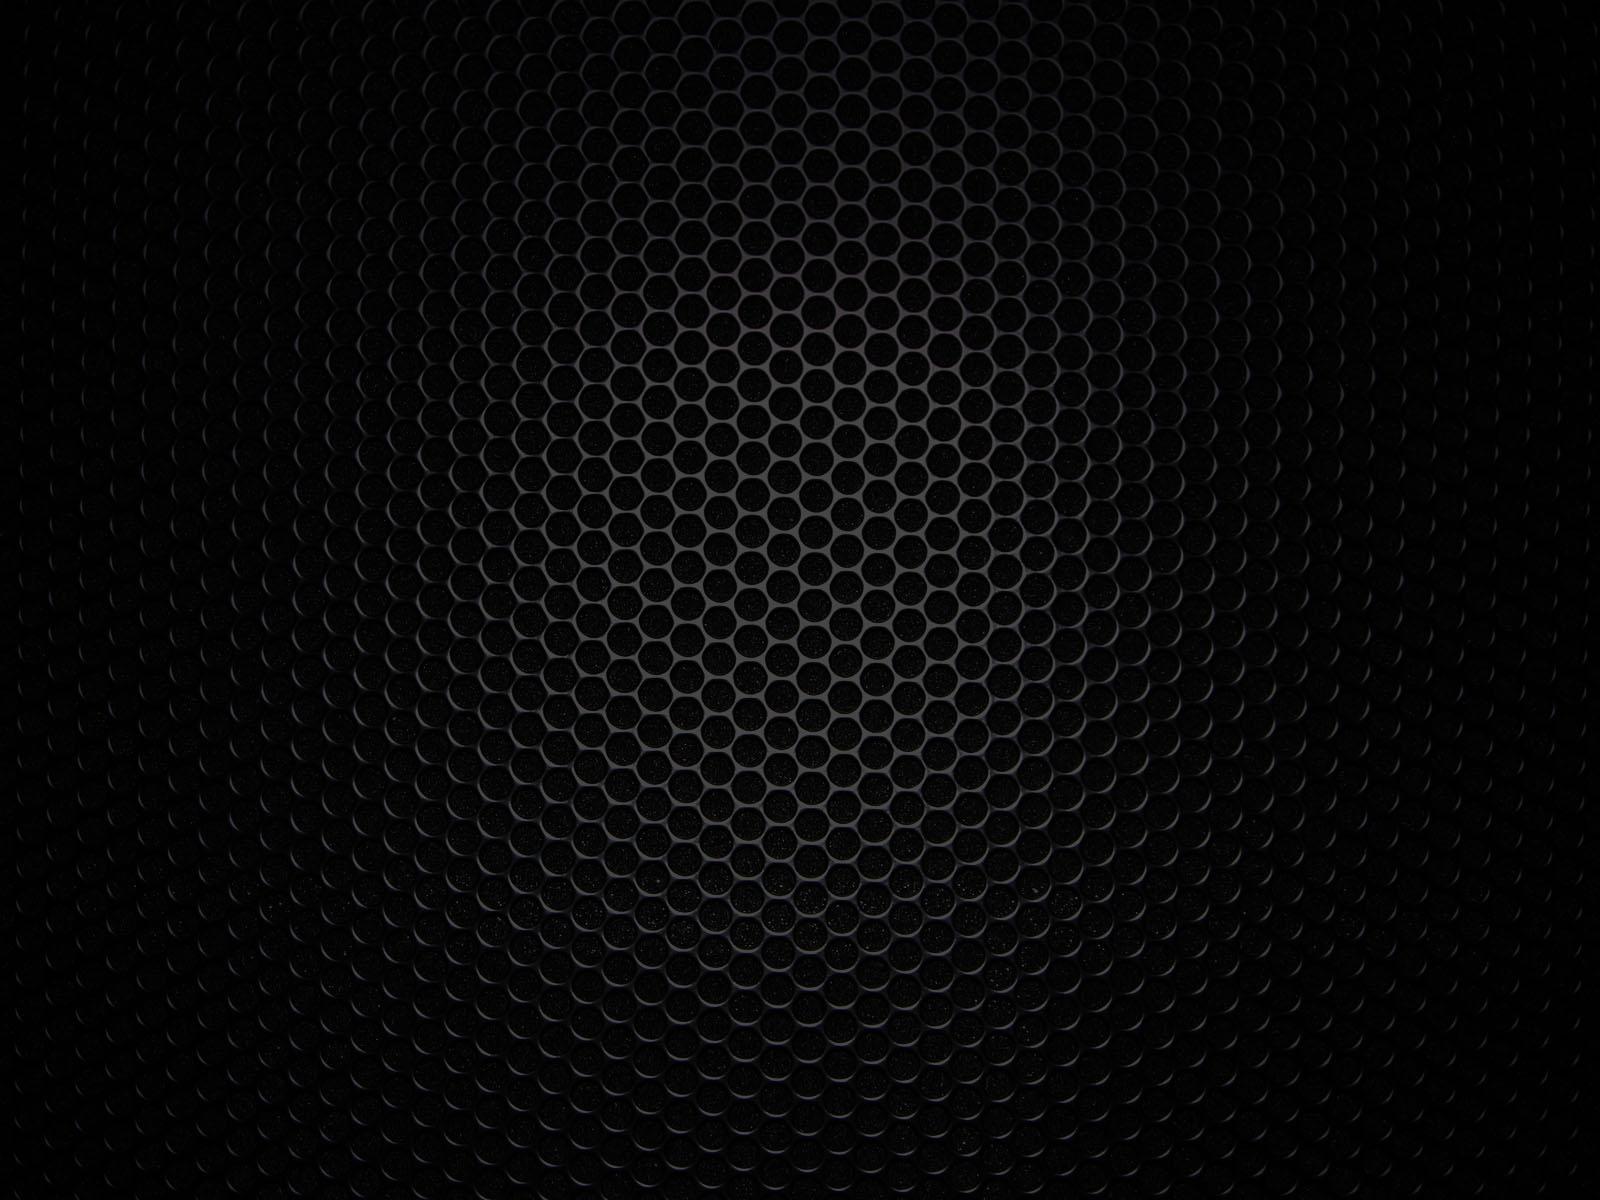 carbonfibre-dark. PlusPng.com  - Carbon Fiber PNG